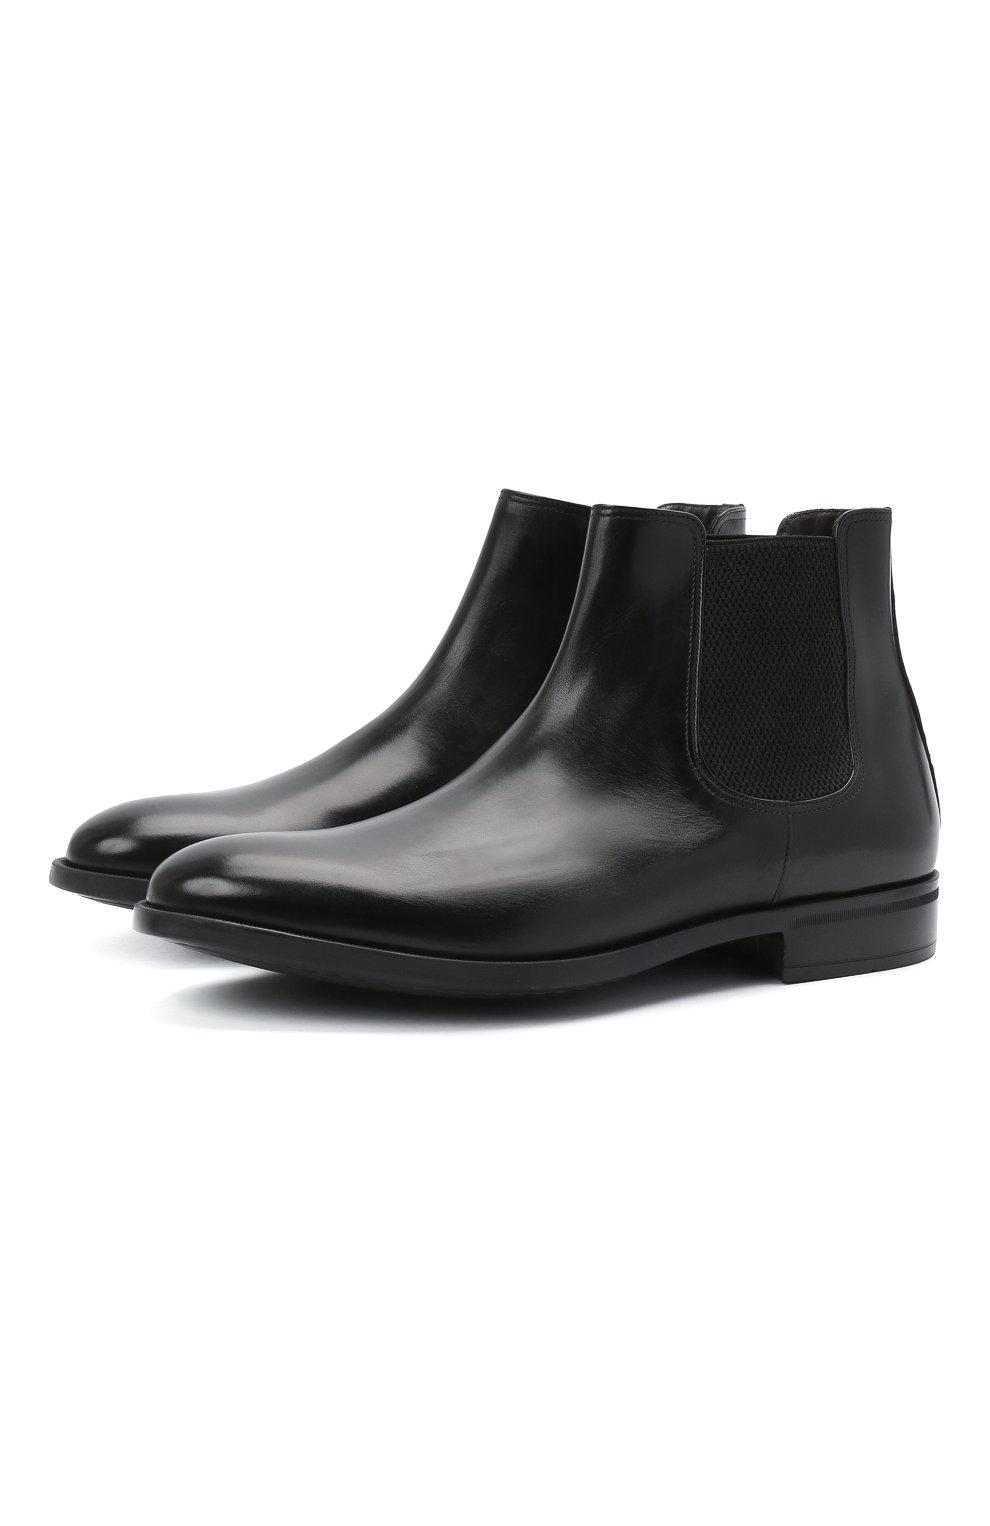 Мужские кожаные челси MORESCHI черного цвета, арт. 90042364P0001/CHELSEA | Фото 1 (Материал внутренний: Натуральная кожа; Подошва: Плоская; Мужское Кросс-КТ: Сапоги-обувь, Челси-обувь)